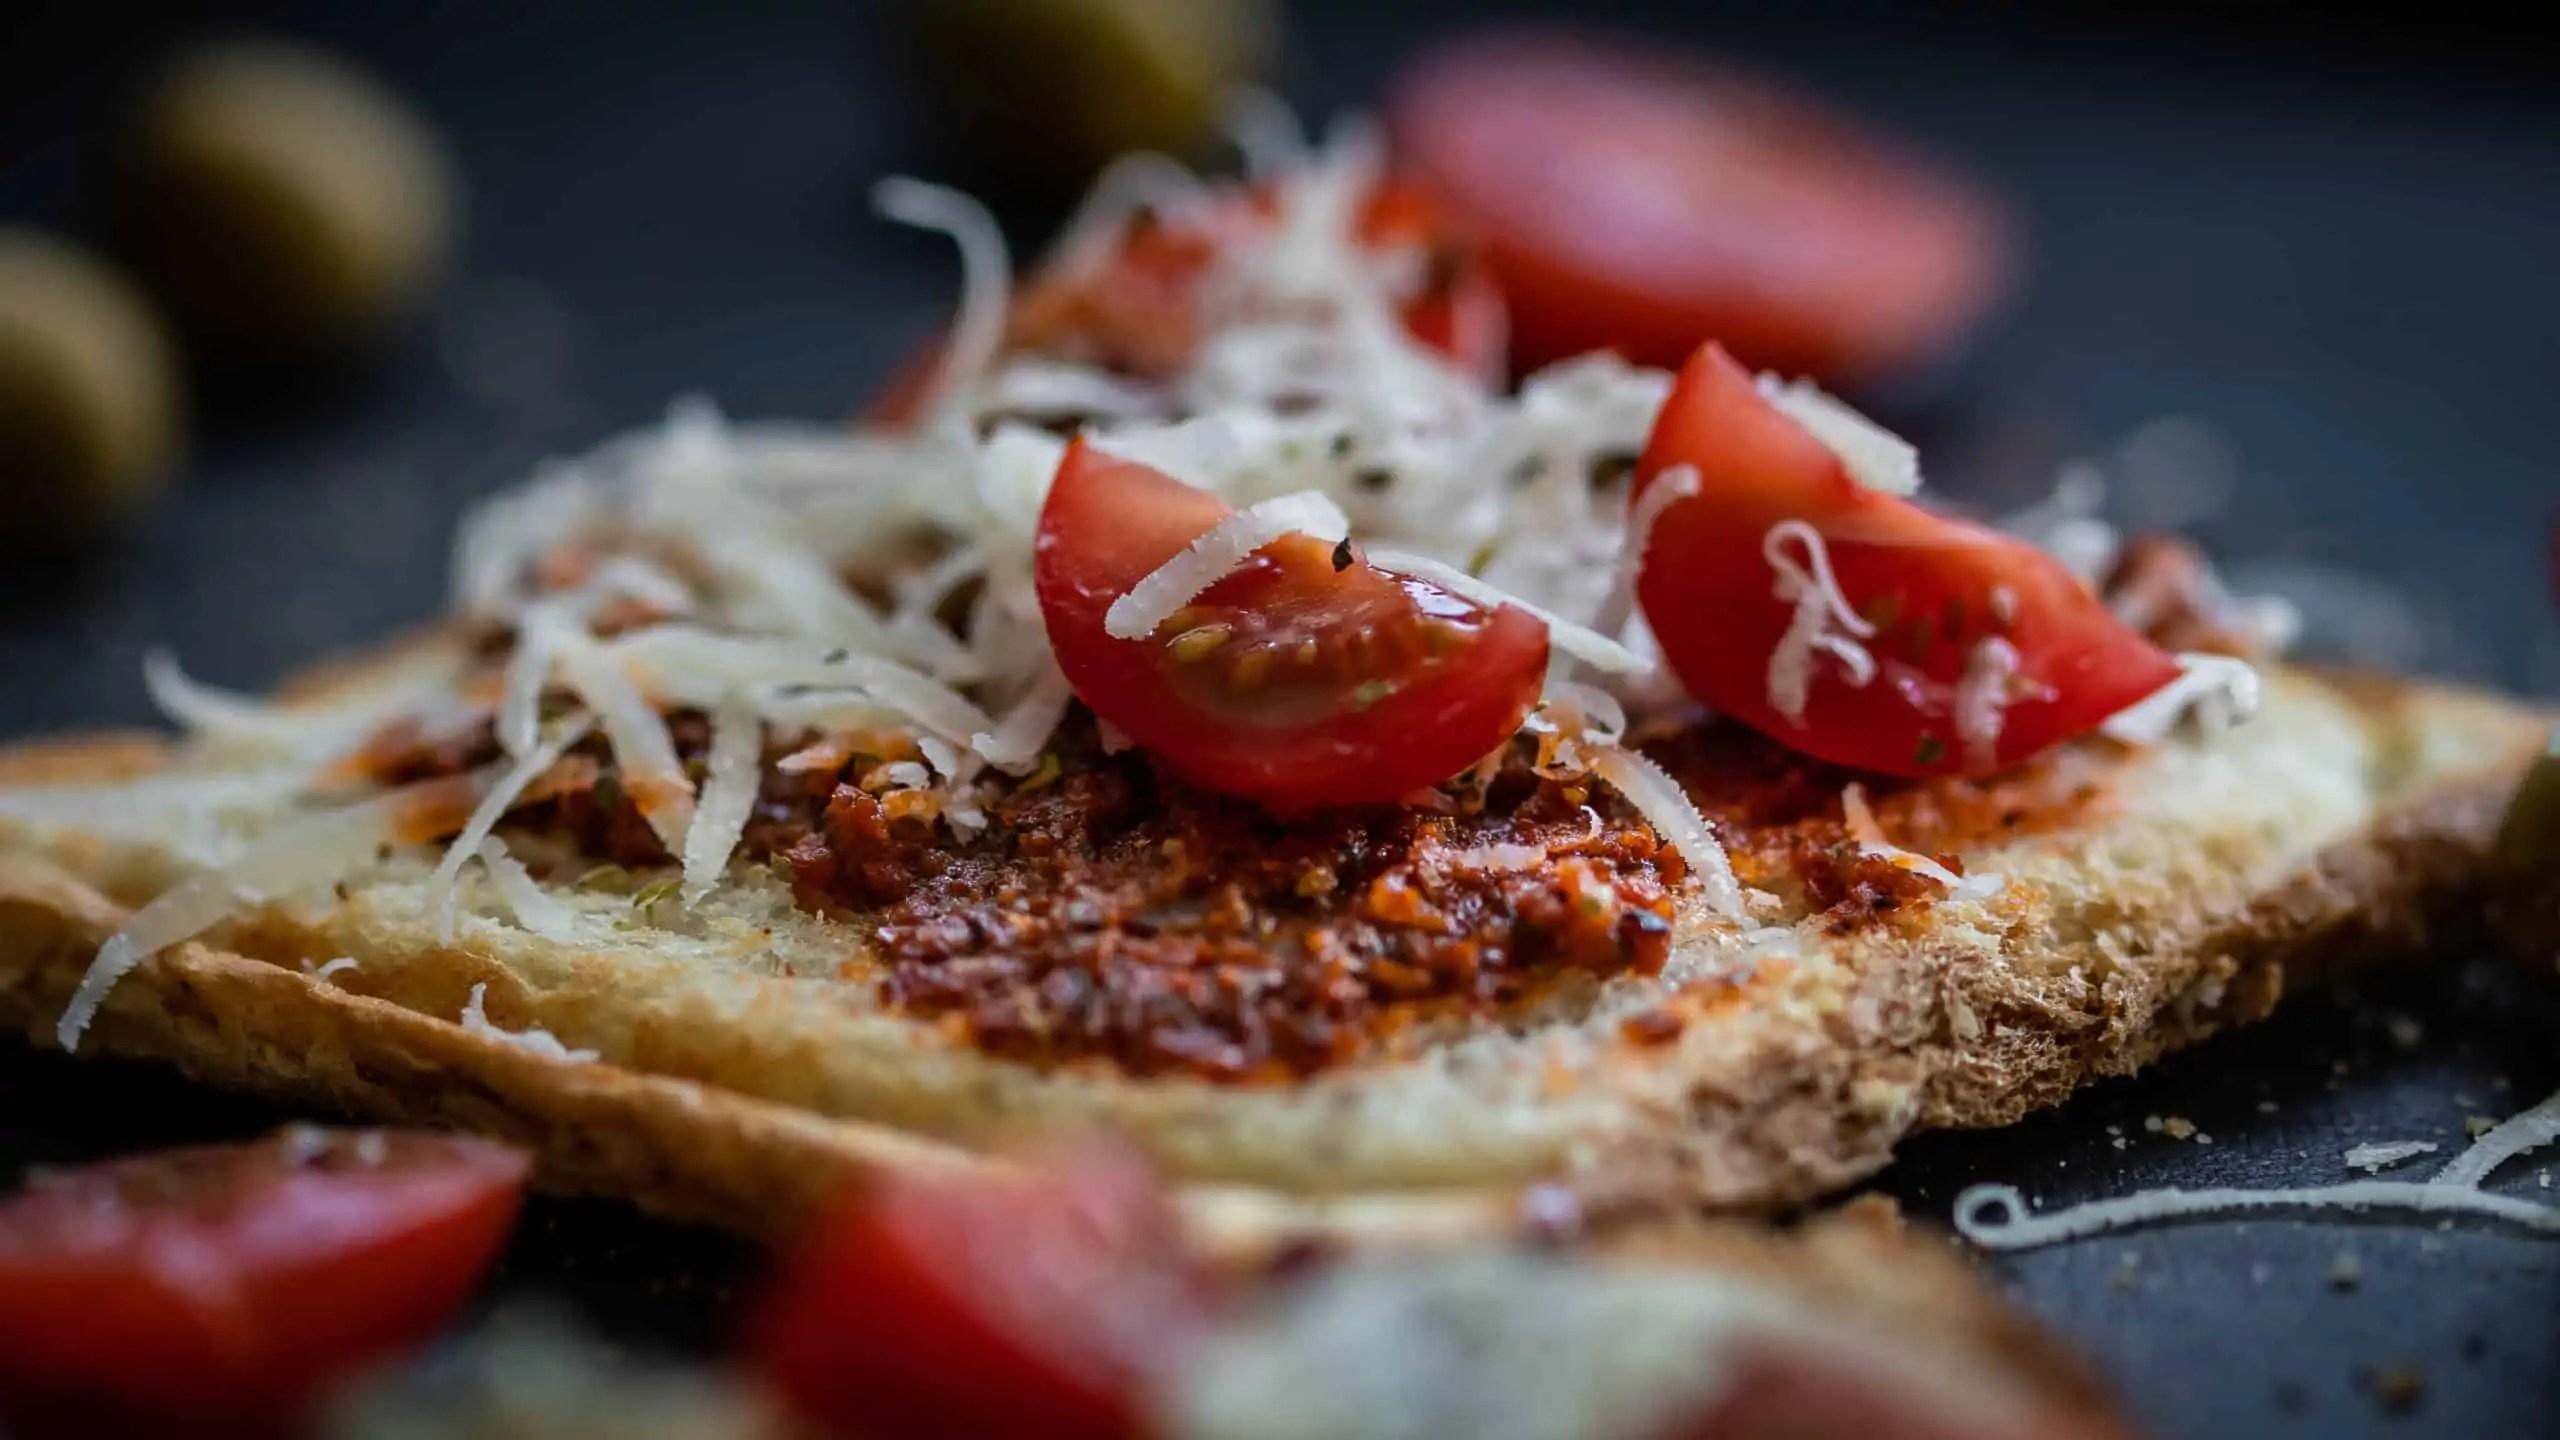 czarna fotografia produktowa w domowych warunkach zdjęcia tostów z czerwonym pesto 10 scaled - Czarna fotografia produktowa